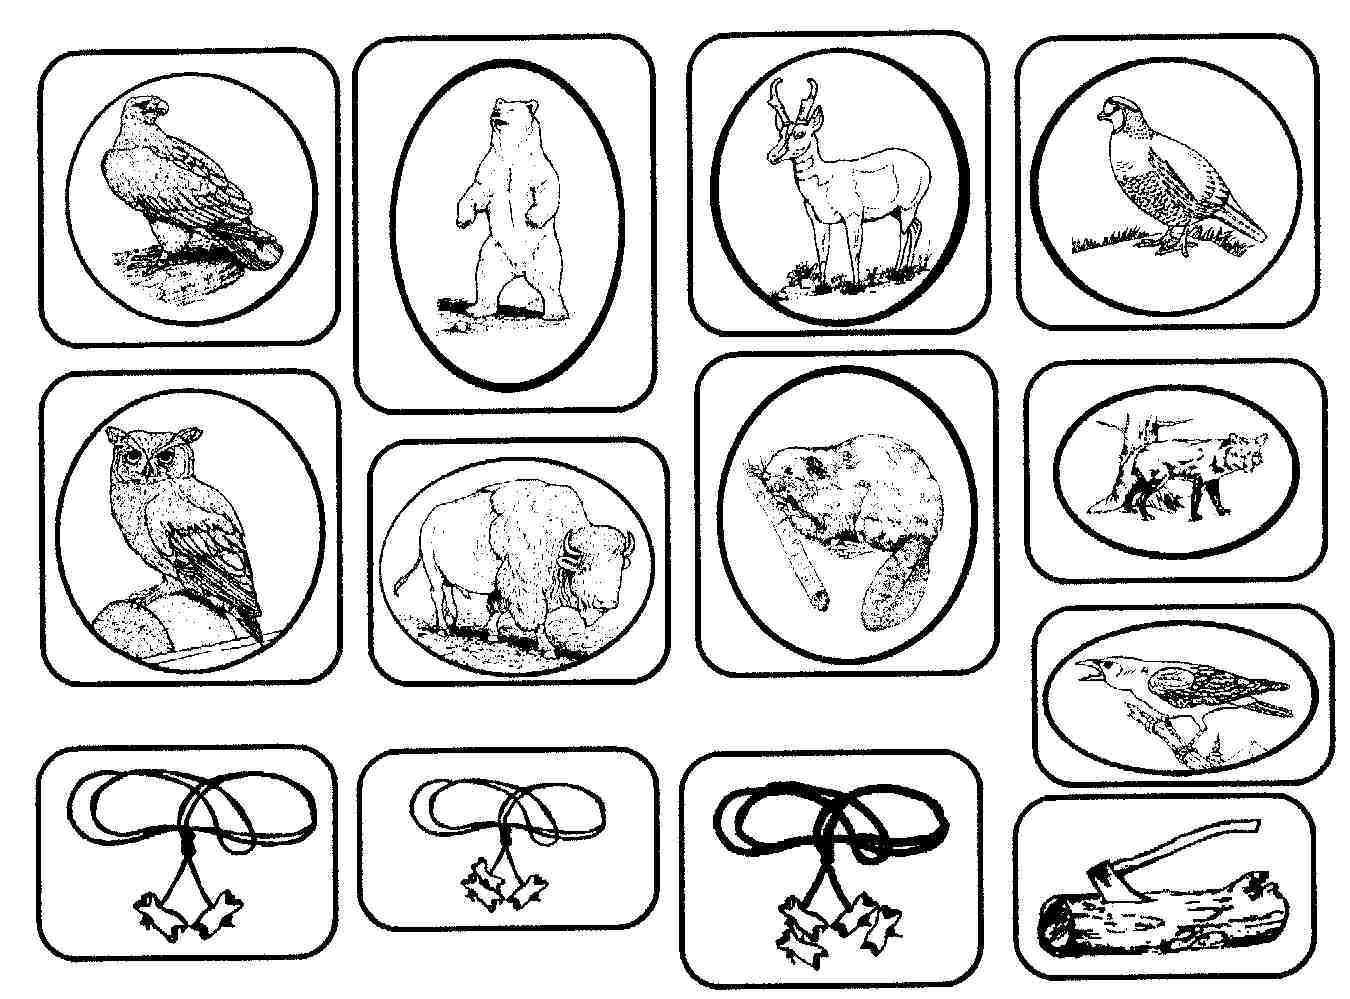 Wood Badge Symbols